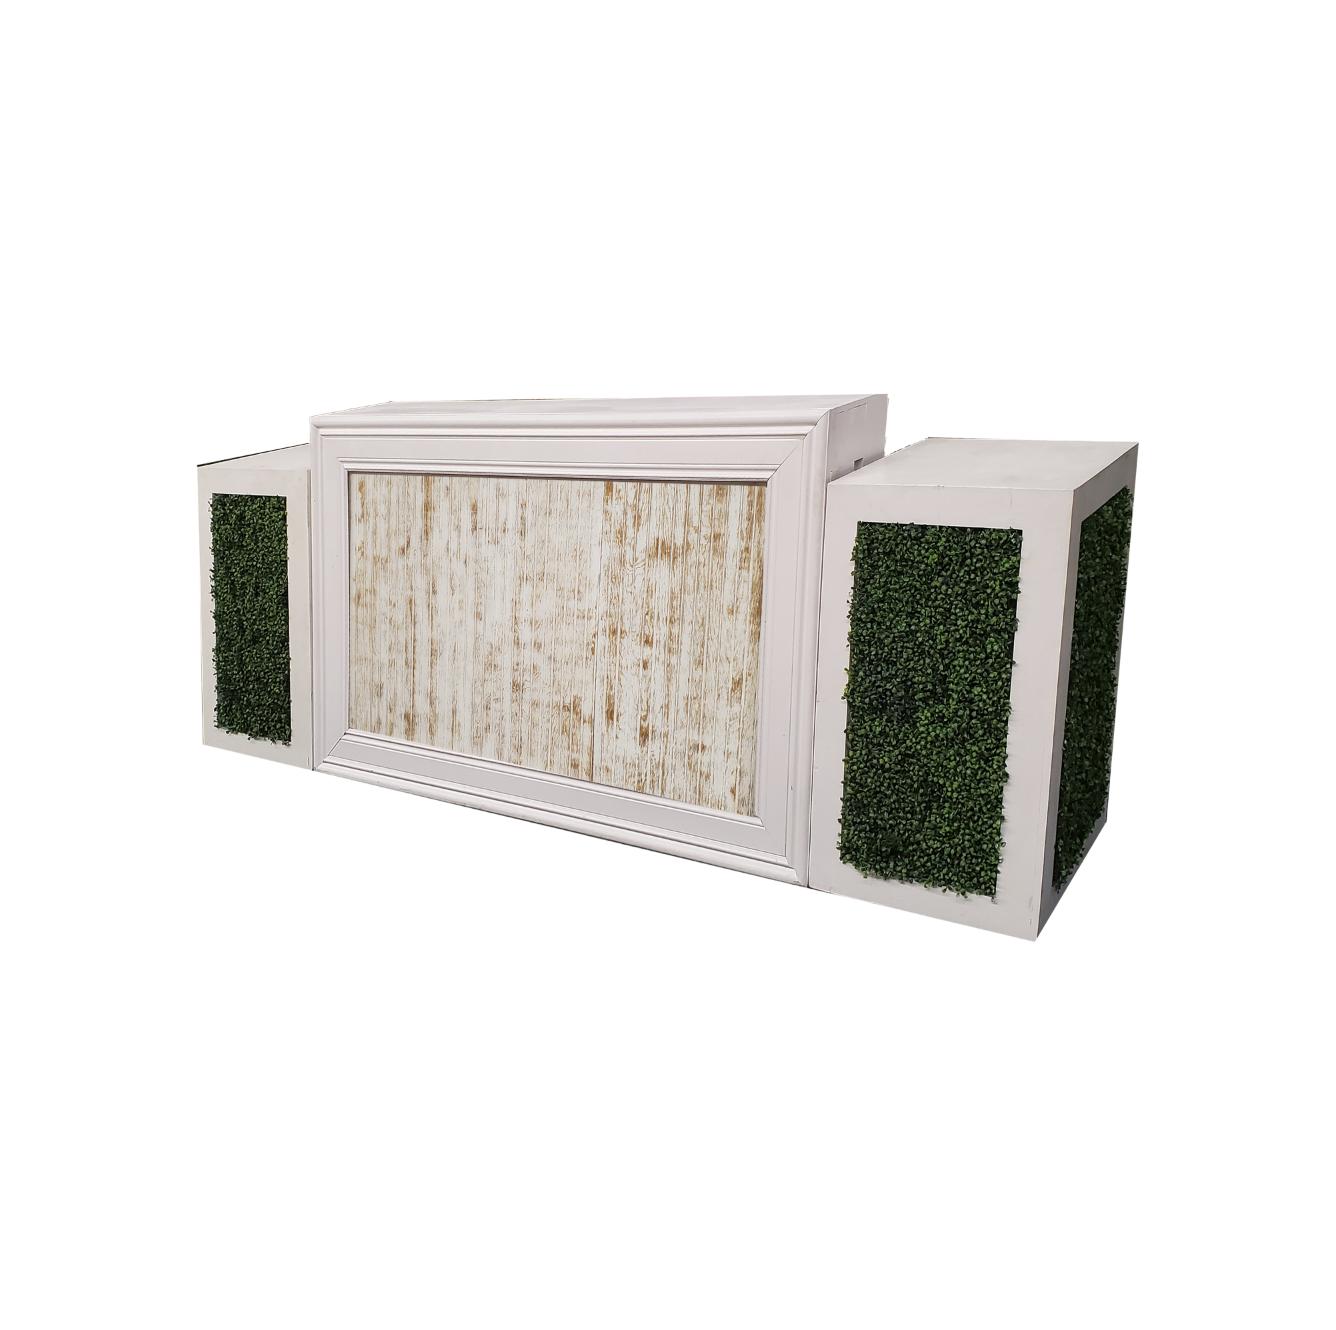 White Frame/Whitewash Insert with Hedge Pedestals $350